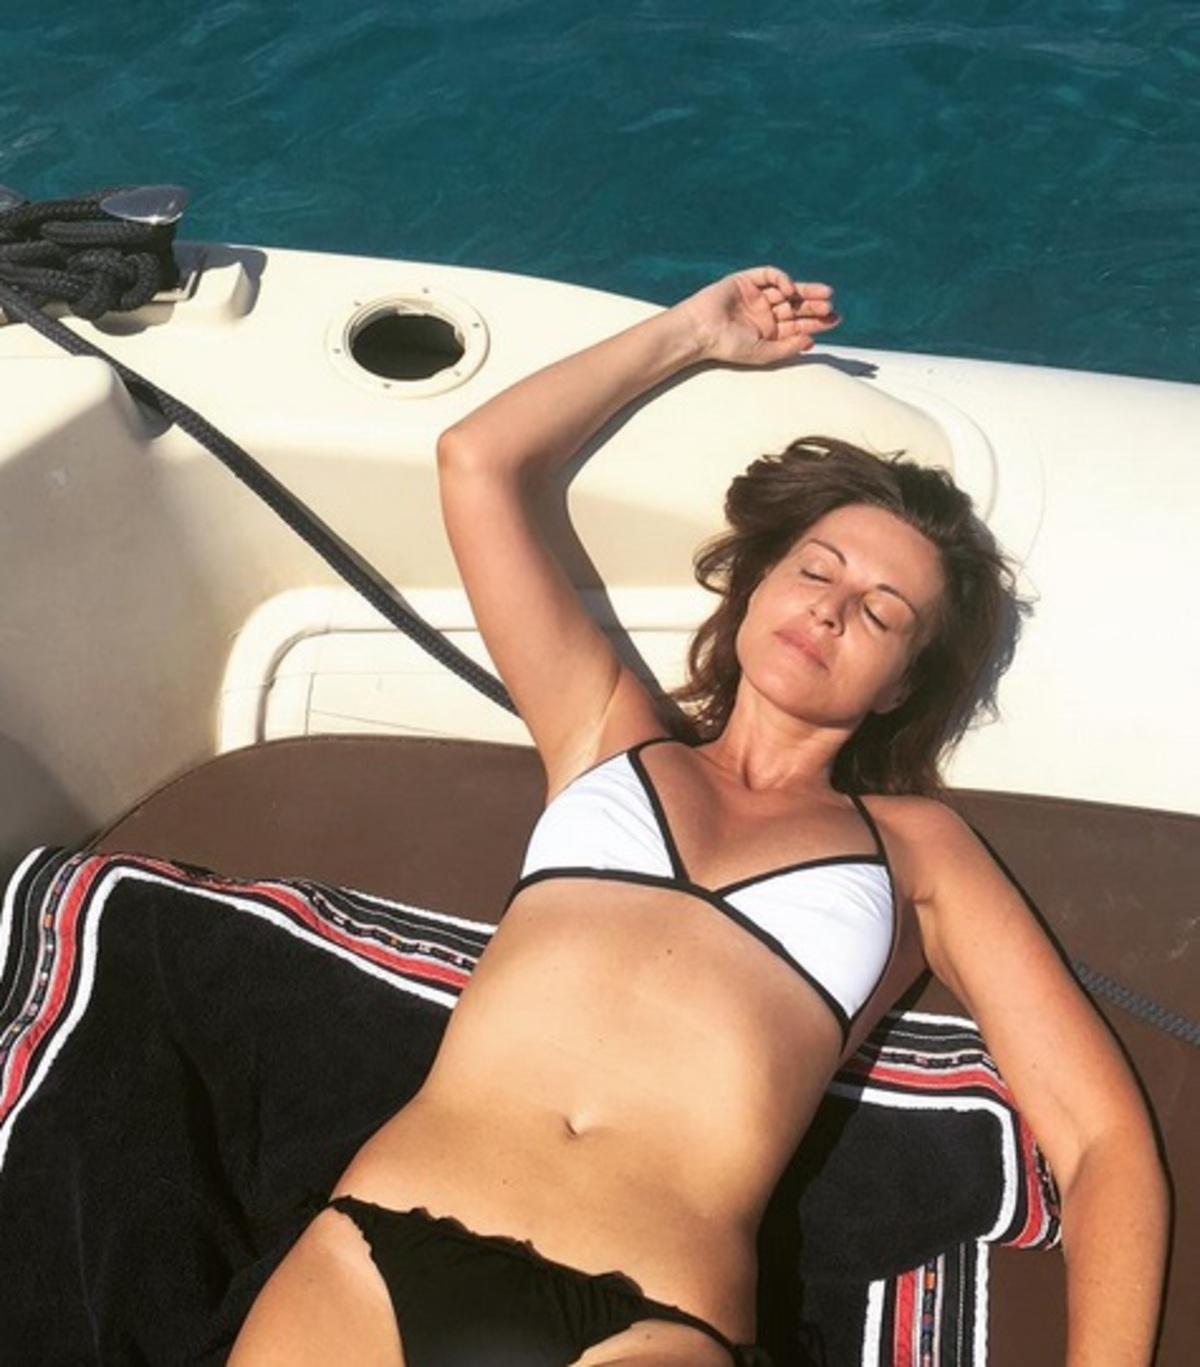 Αλεξάνδρα Παλαιολόγου: Ποζάρει ολόγυμνη στο Instagram! | Newsit.gr